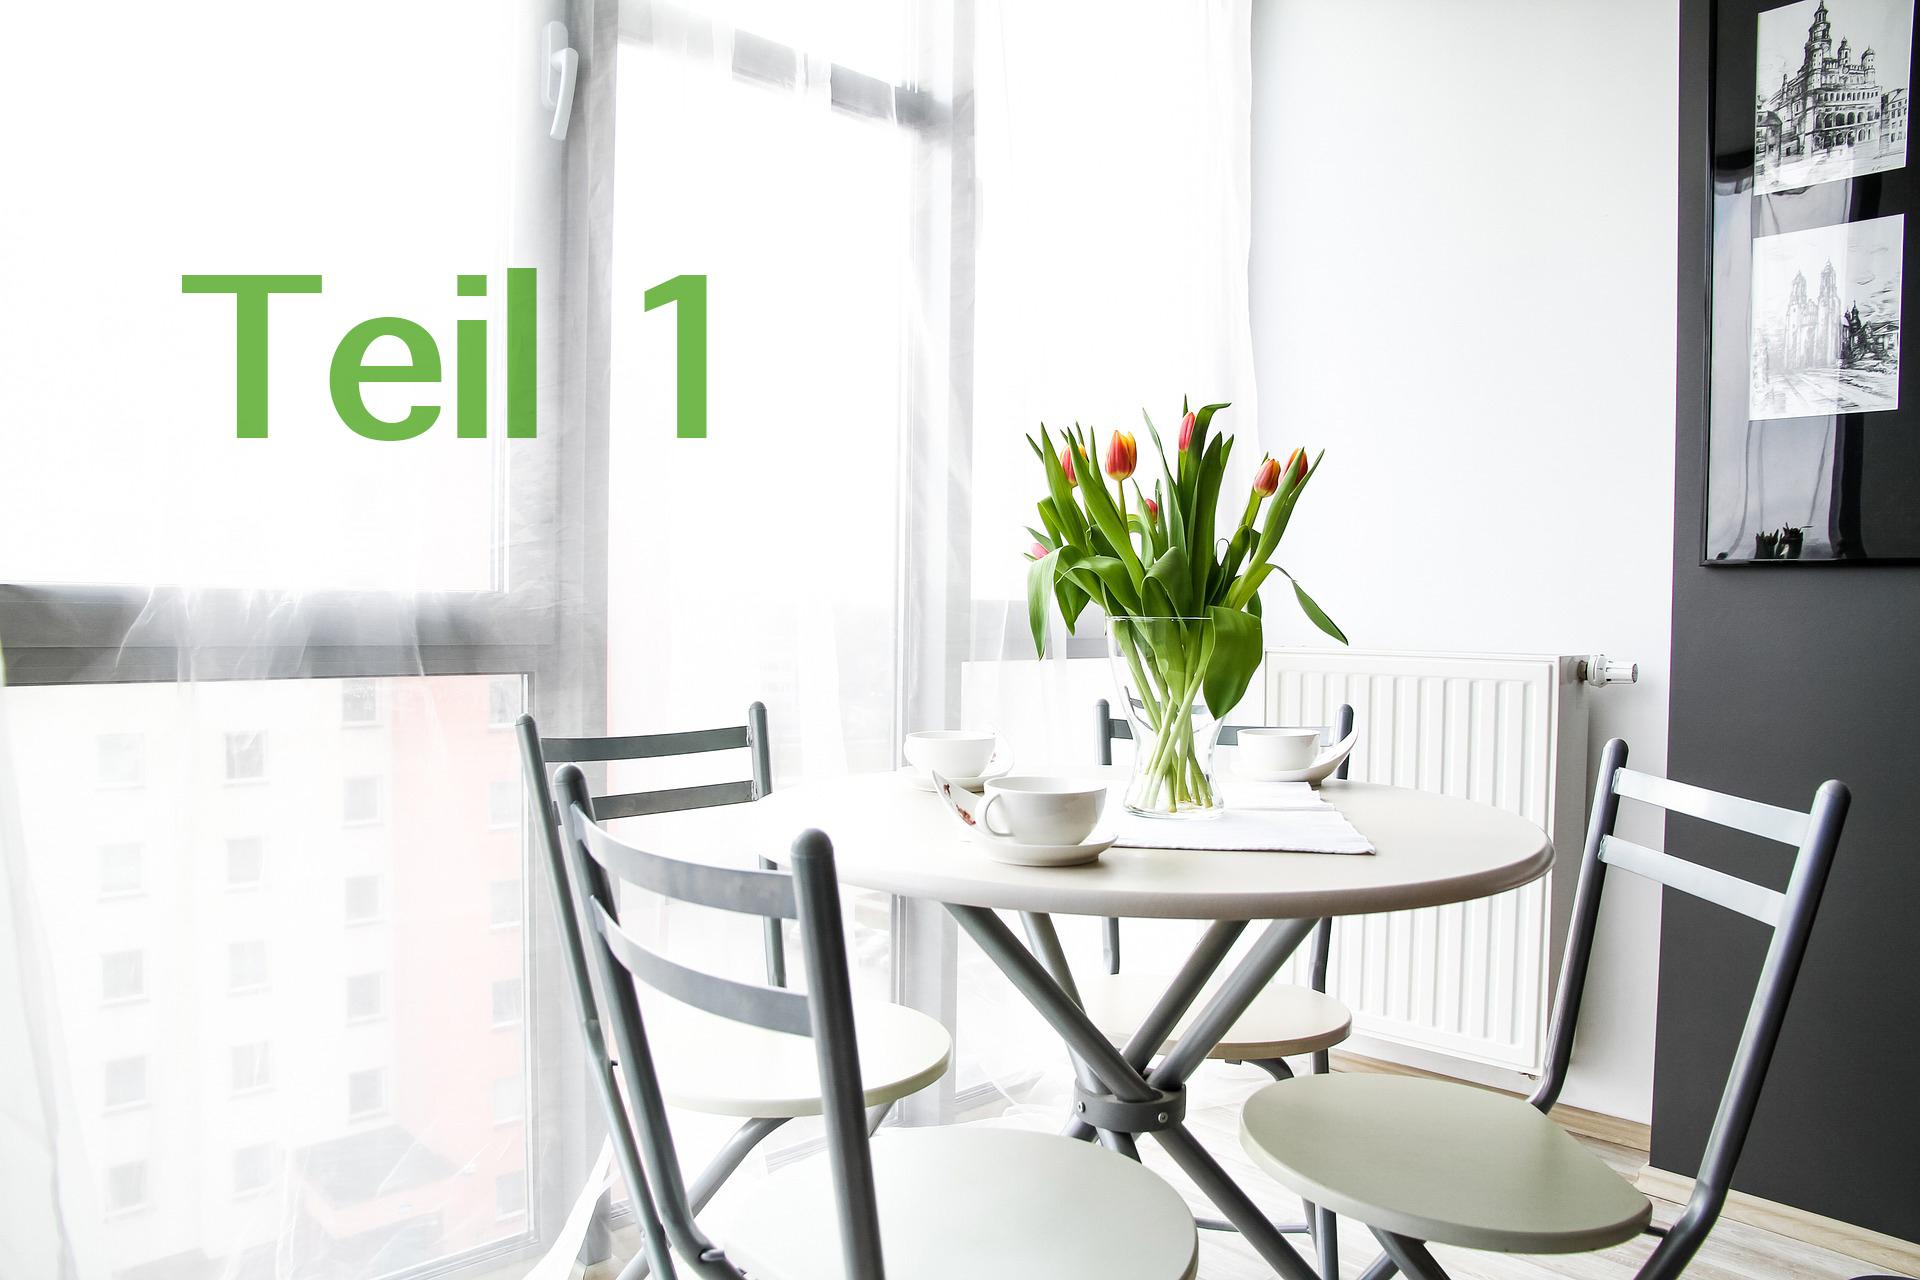 Esstisch im Wohnzimmer mit Tulpen in Vase, Beschriftung Teil 1